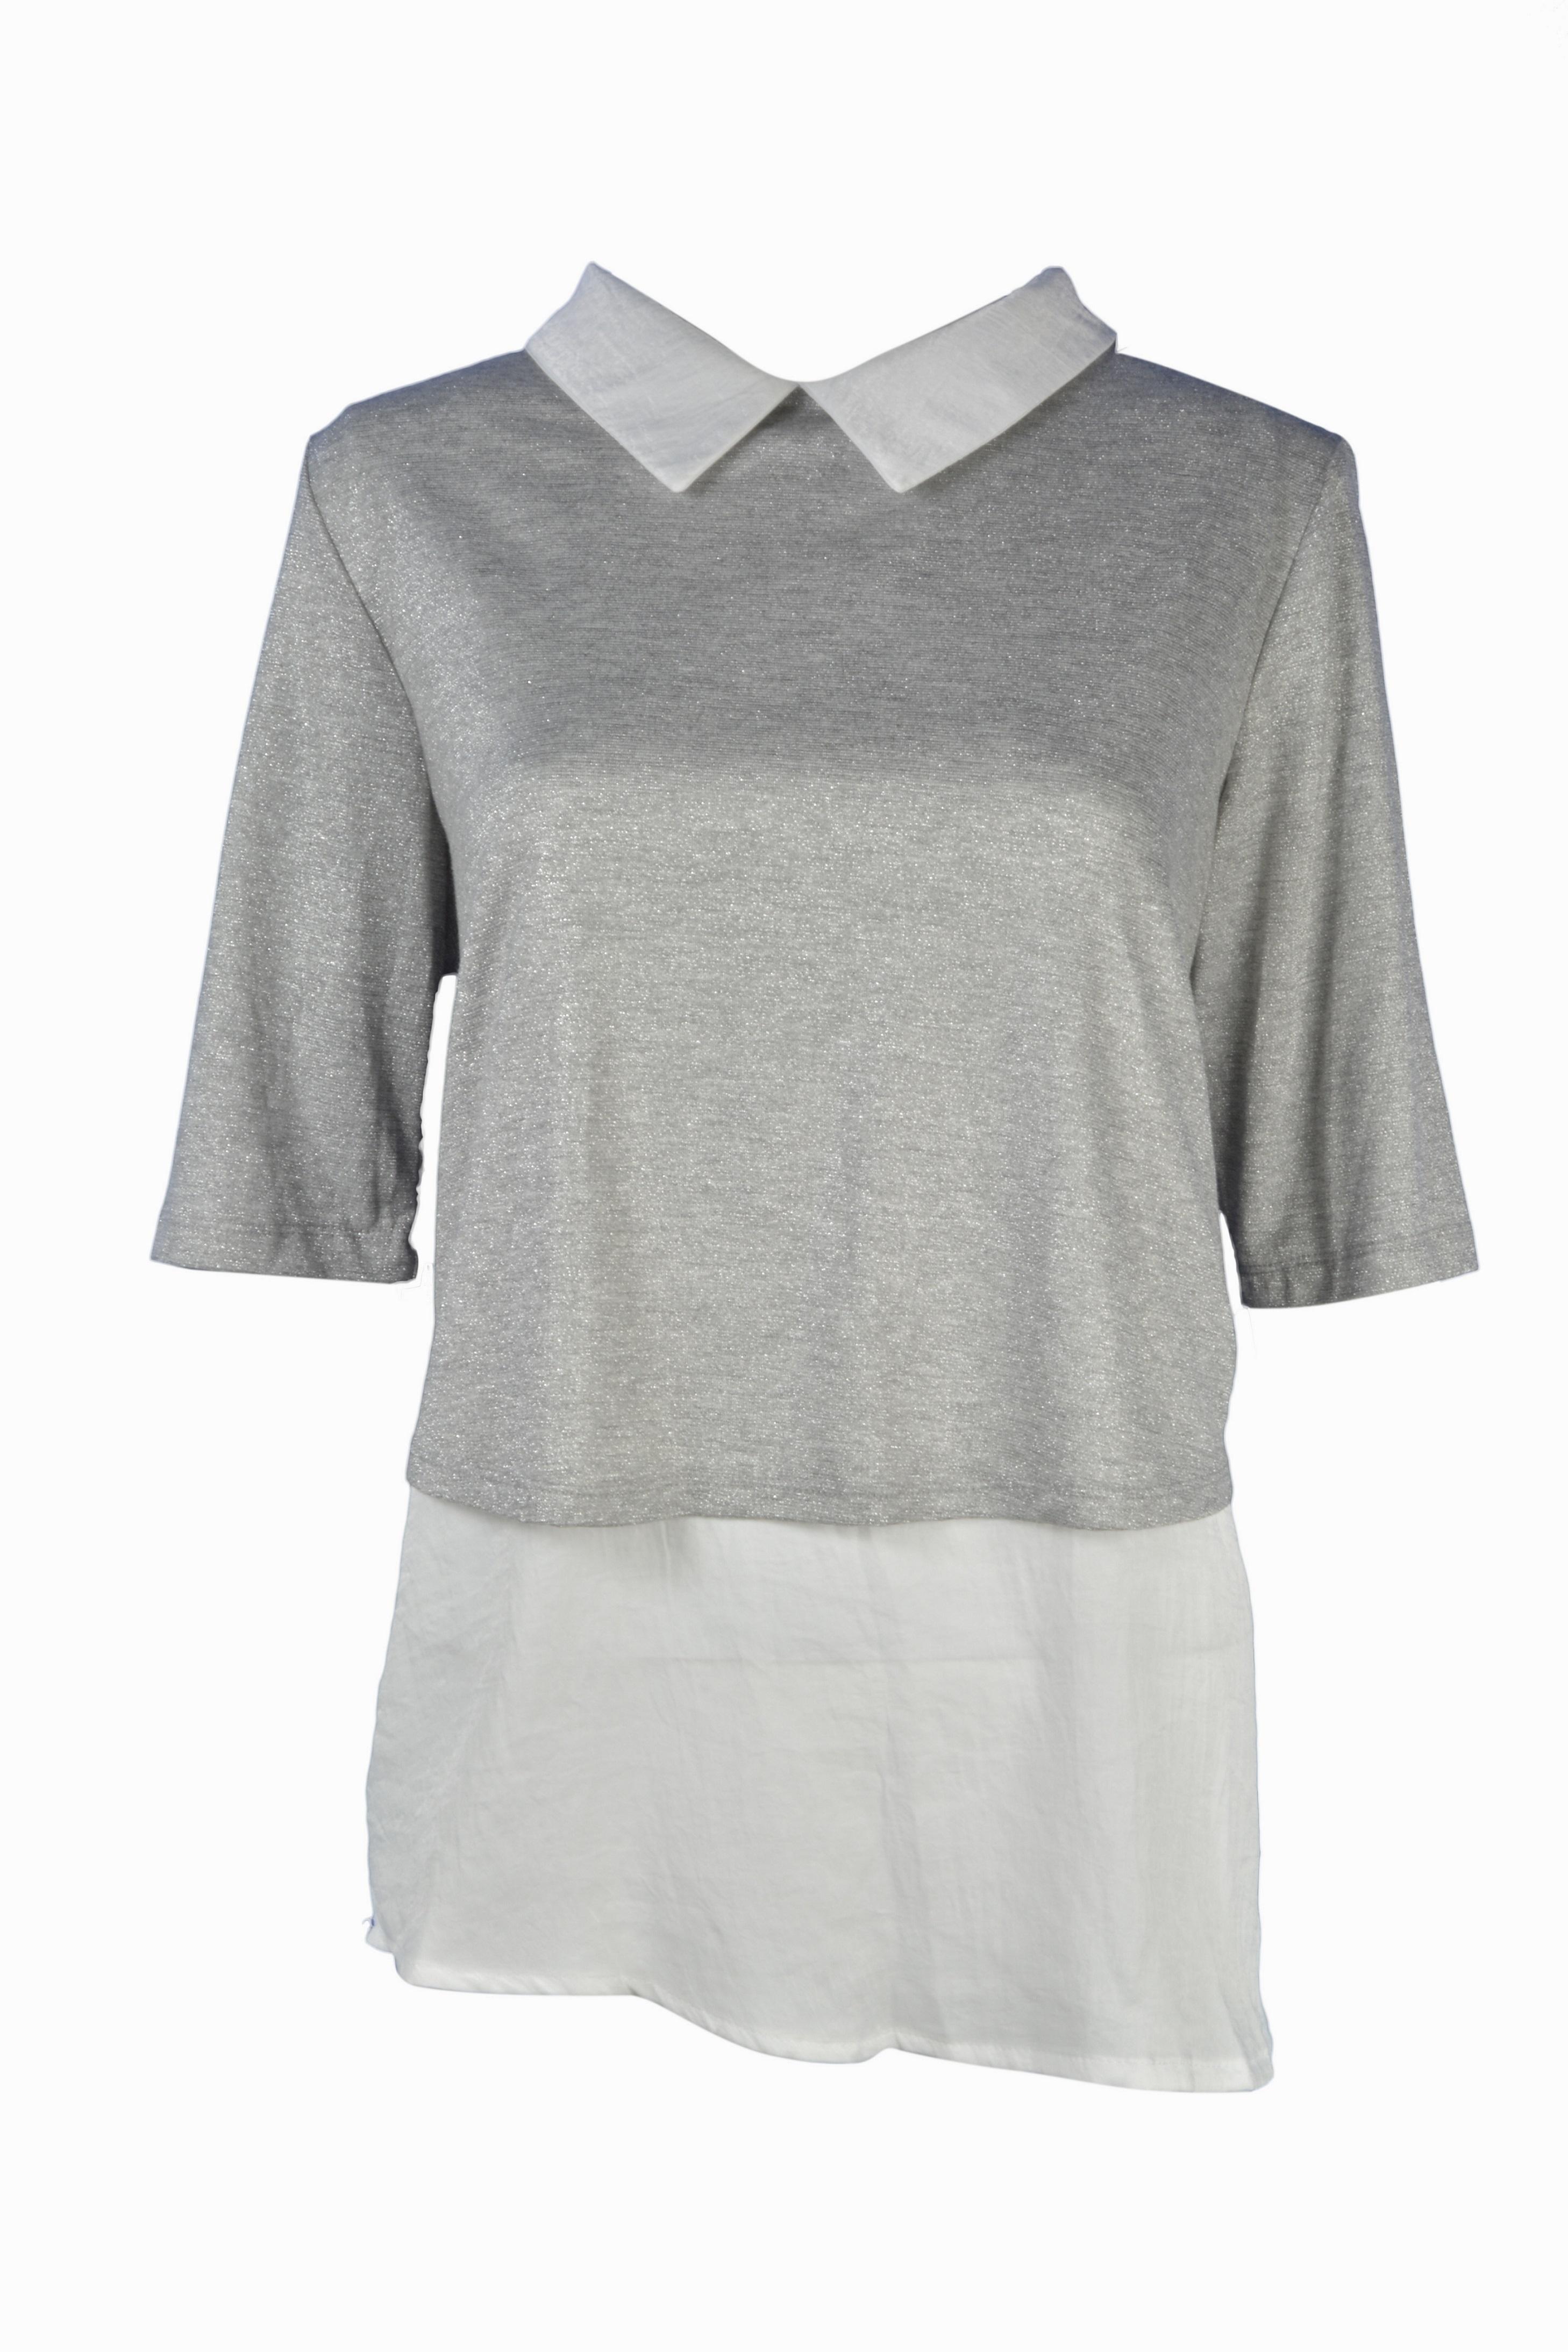 חולצת לורקס 39.90 שח, להשיג ברשת SELECT ובאתר www.Select-Fashoin.co.il, צלם דמיטרי גרין